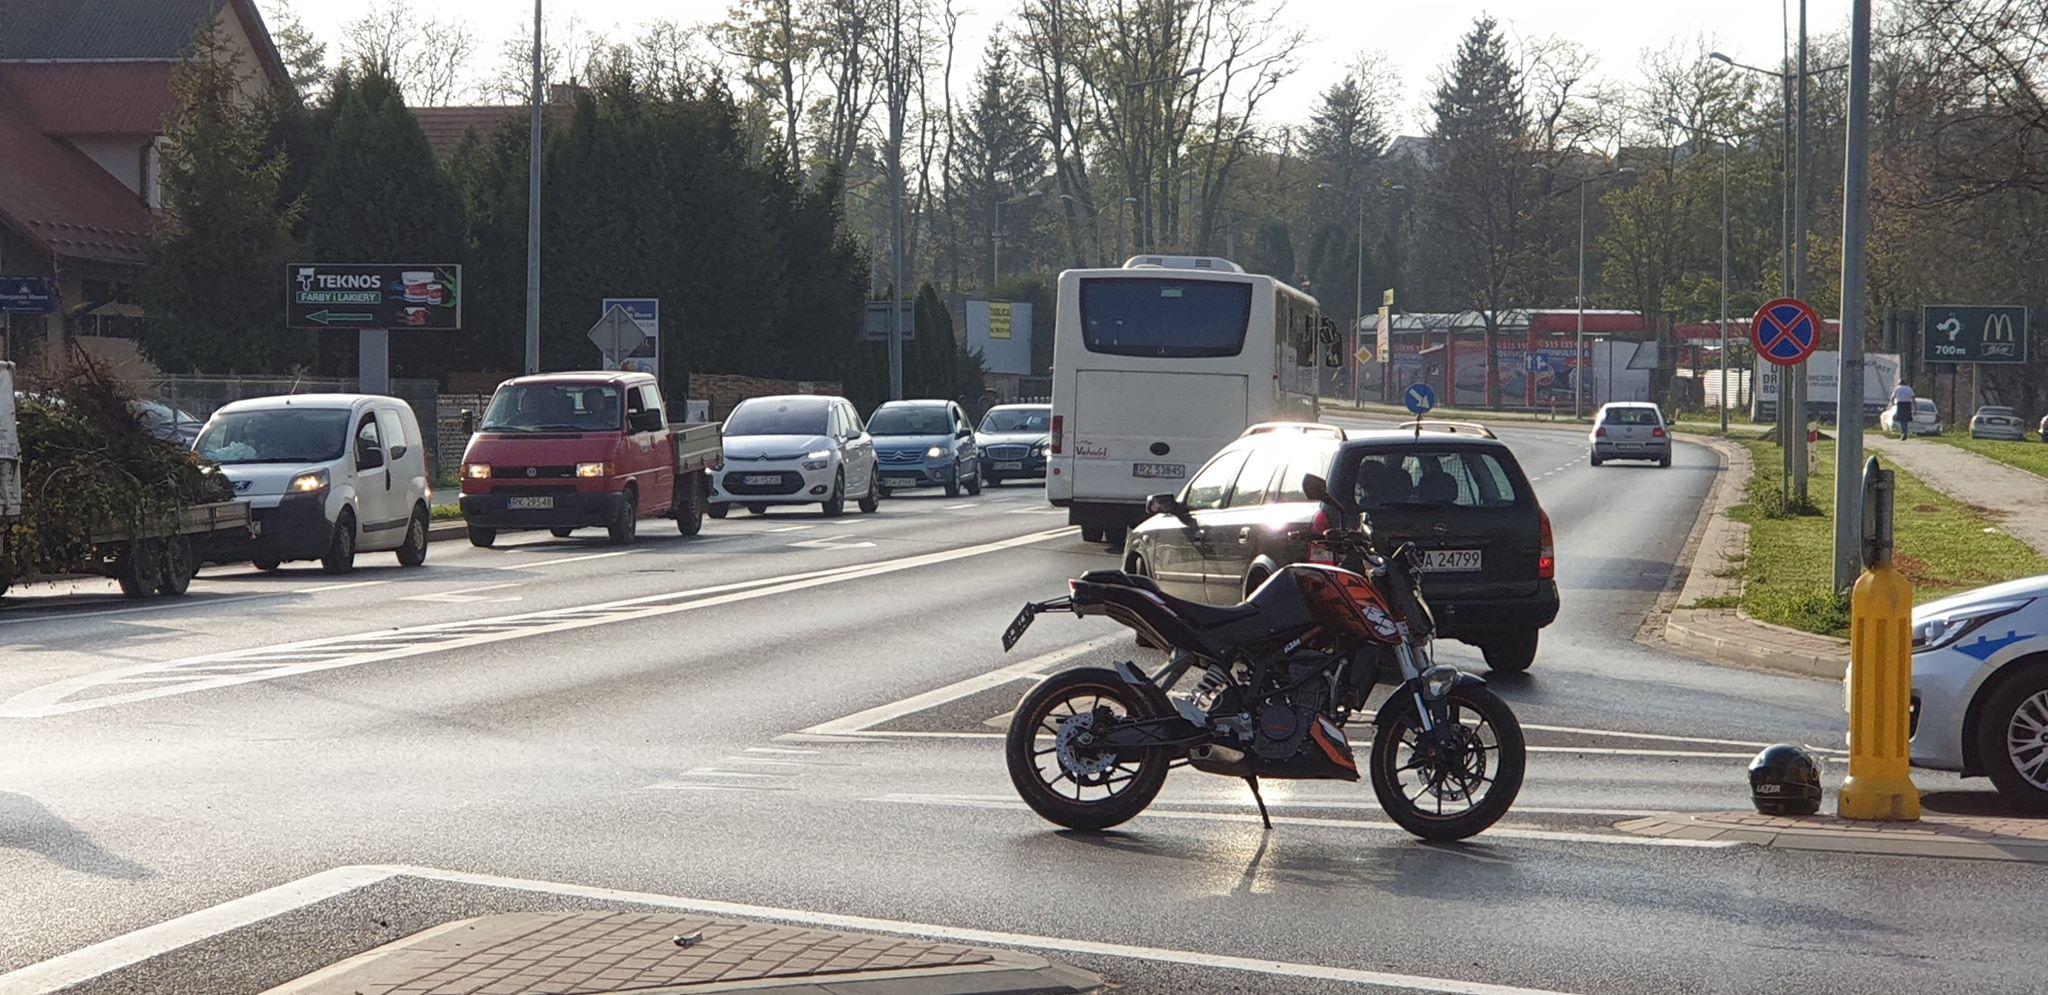 Z OSTATNIEJ CHWILI: Zderzenie Motocyklisty z osobówką [FOTO+VIDEO]  - Zdjęcie główne